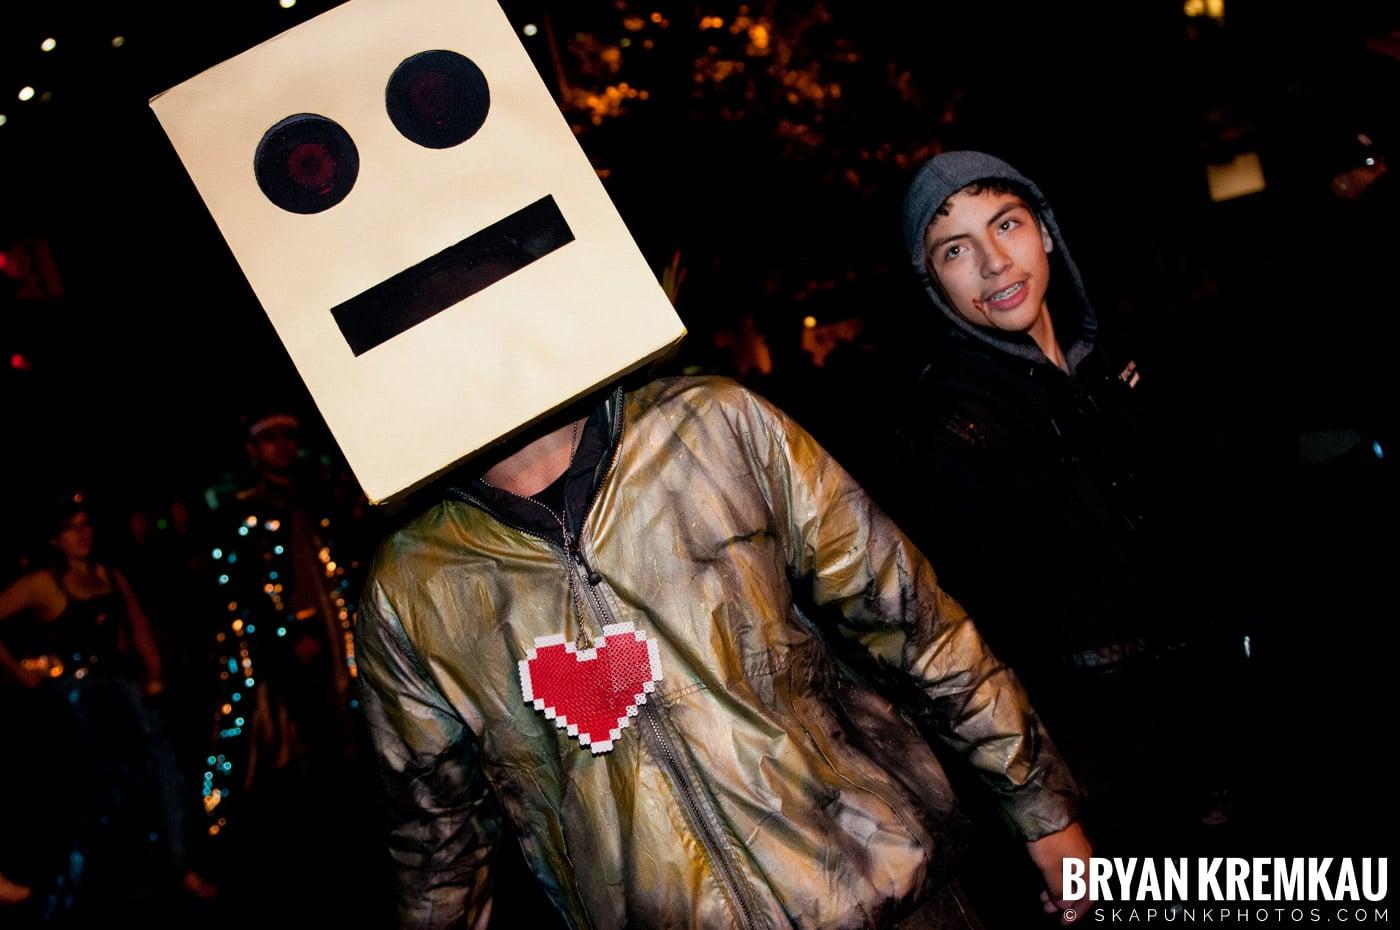 NYC Halloween Parade 2011 @ New York, NY - 10.31.11 (6)